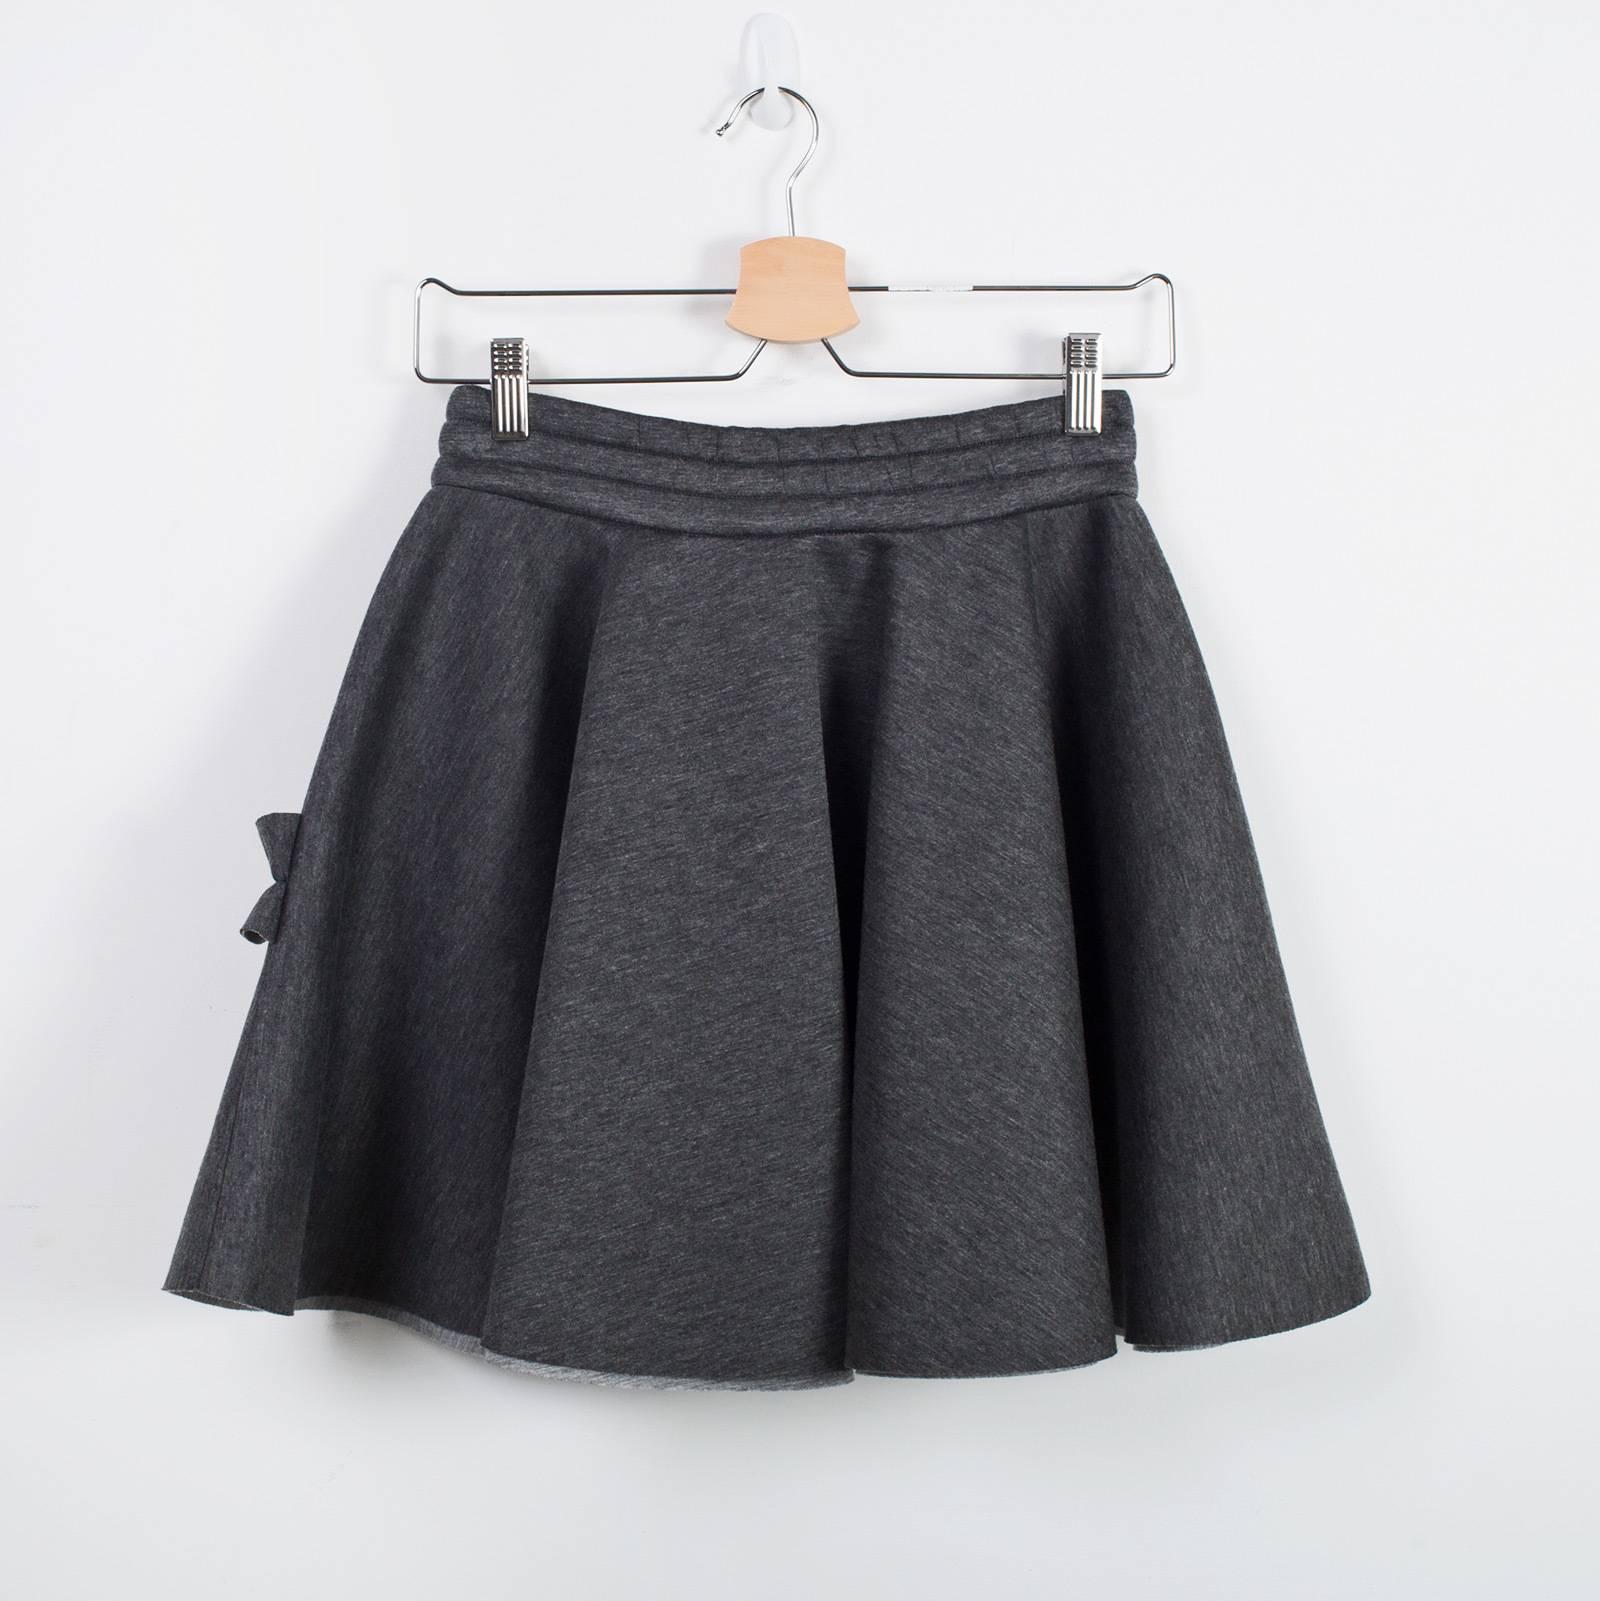 dddd92758a5 Купить юбку Simonetta в Москве с доставкой по цене 2700 рублей ...